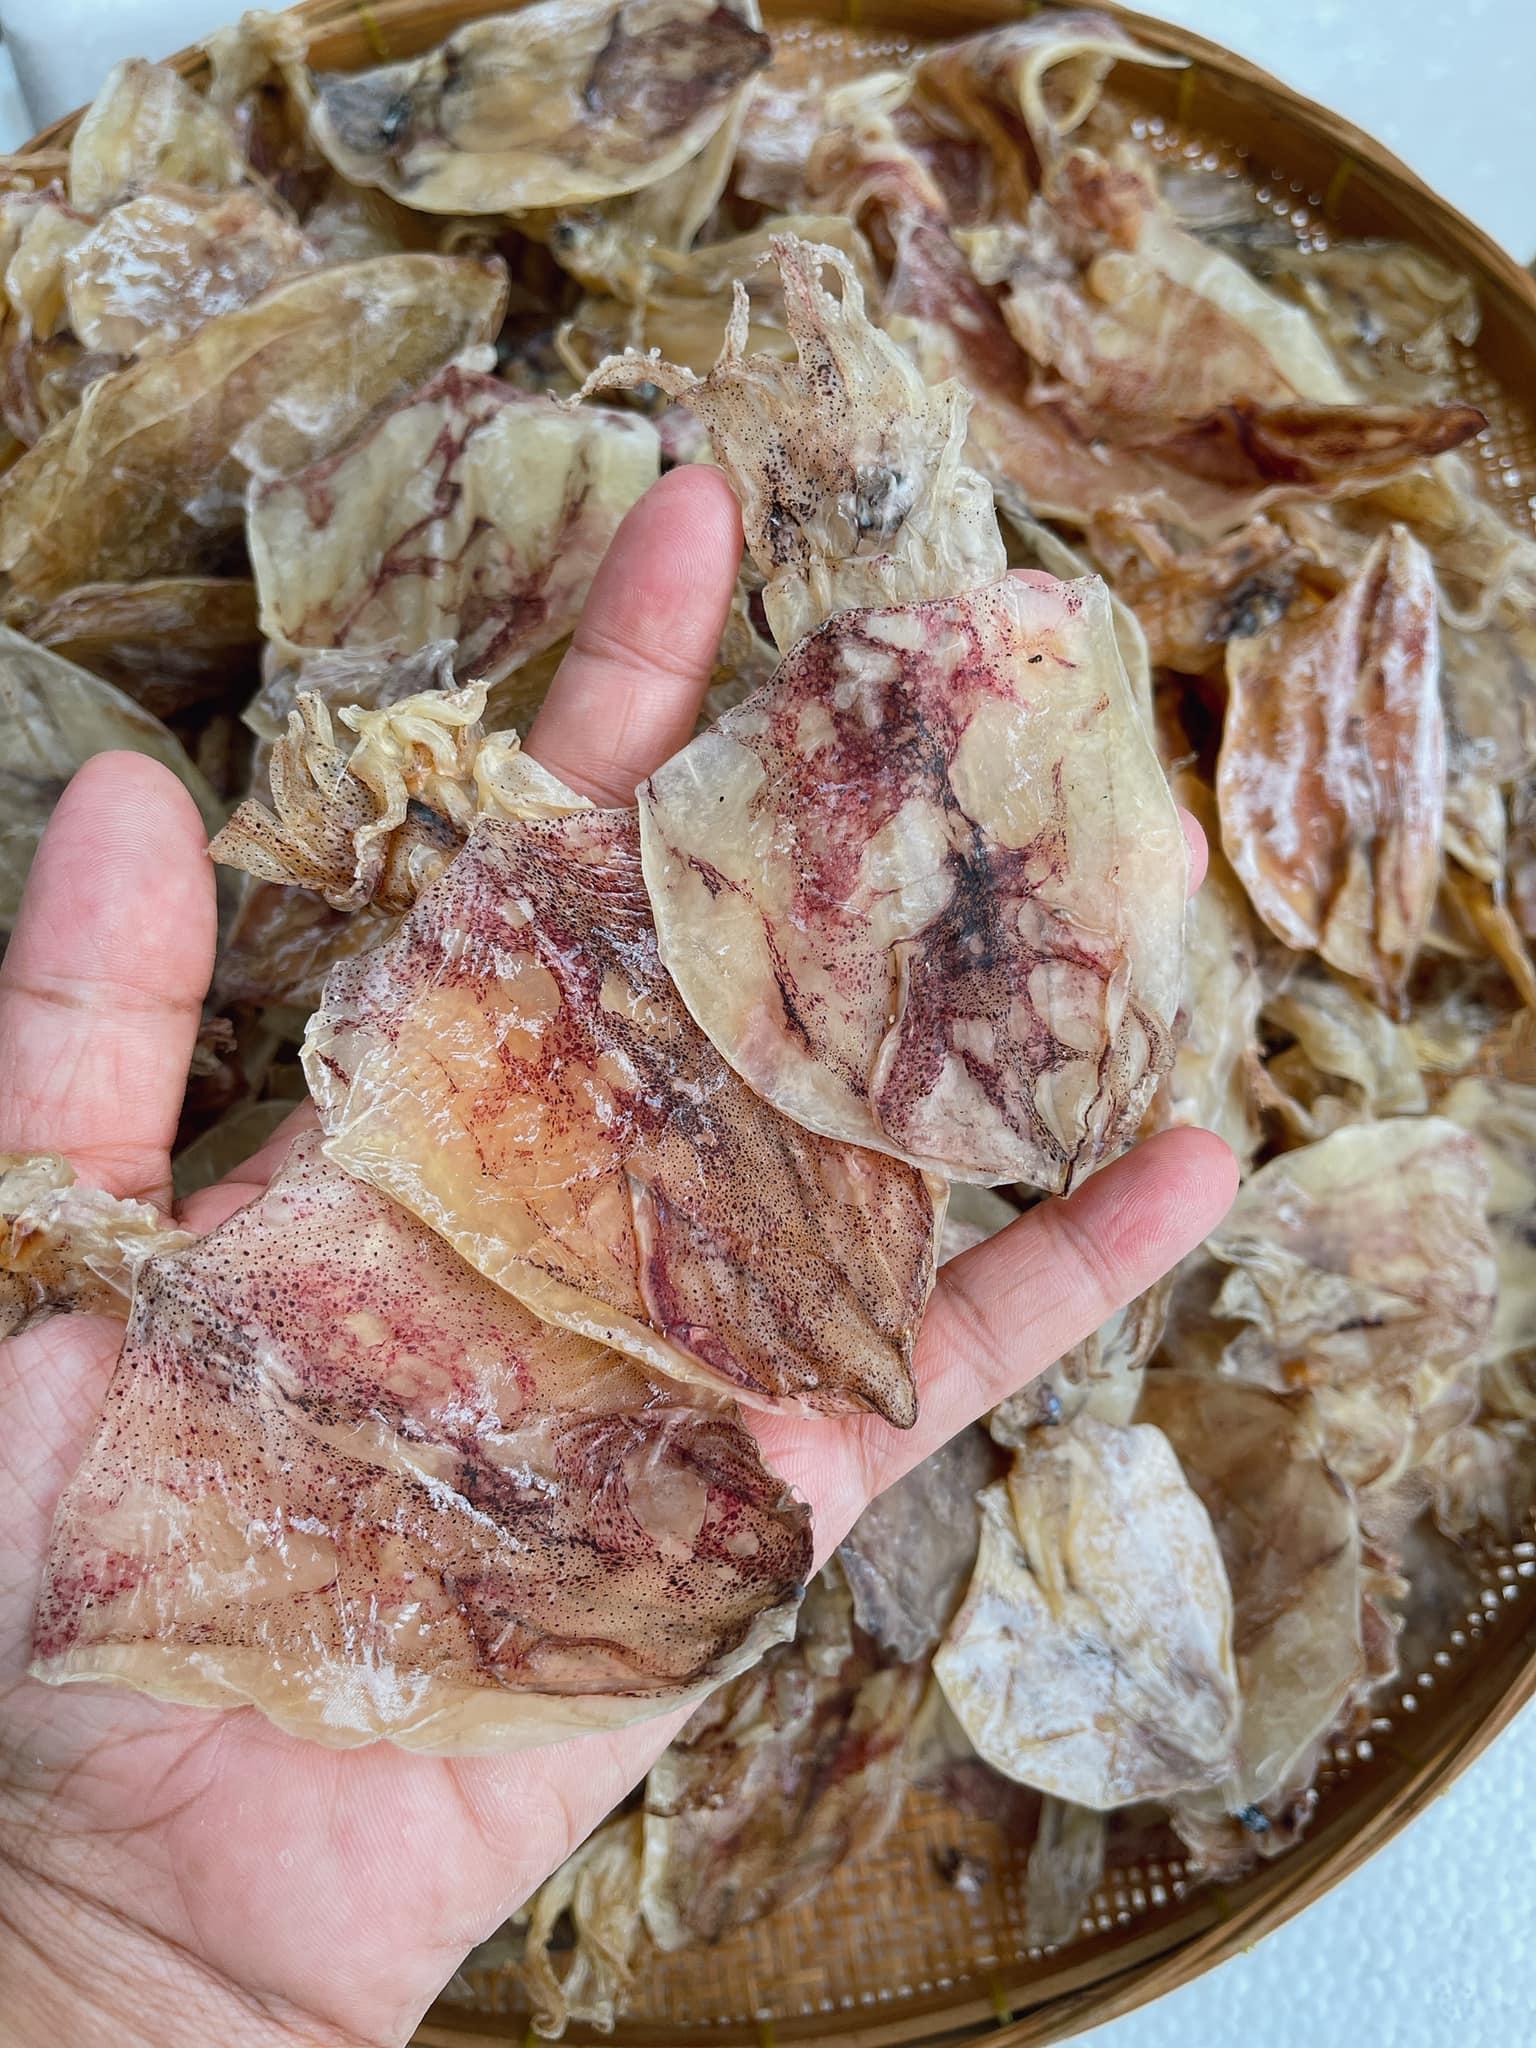 """Mực khô bán giá """"rẻ giật mình"""" trên chợ mạng, chỉ 200.000 đồng/kg loại mực to bằng cả bàn tay - Ảnh 5."""